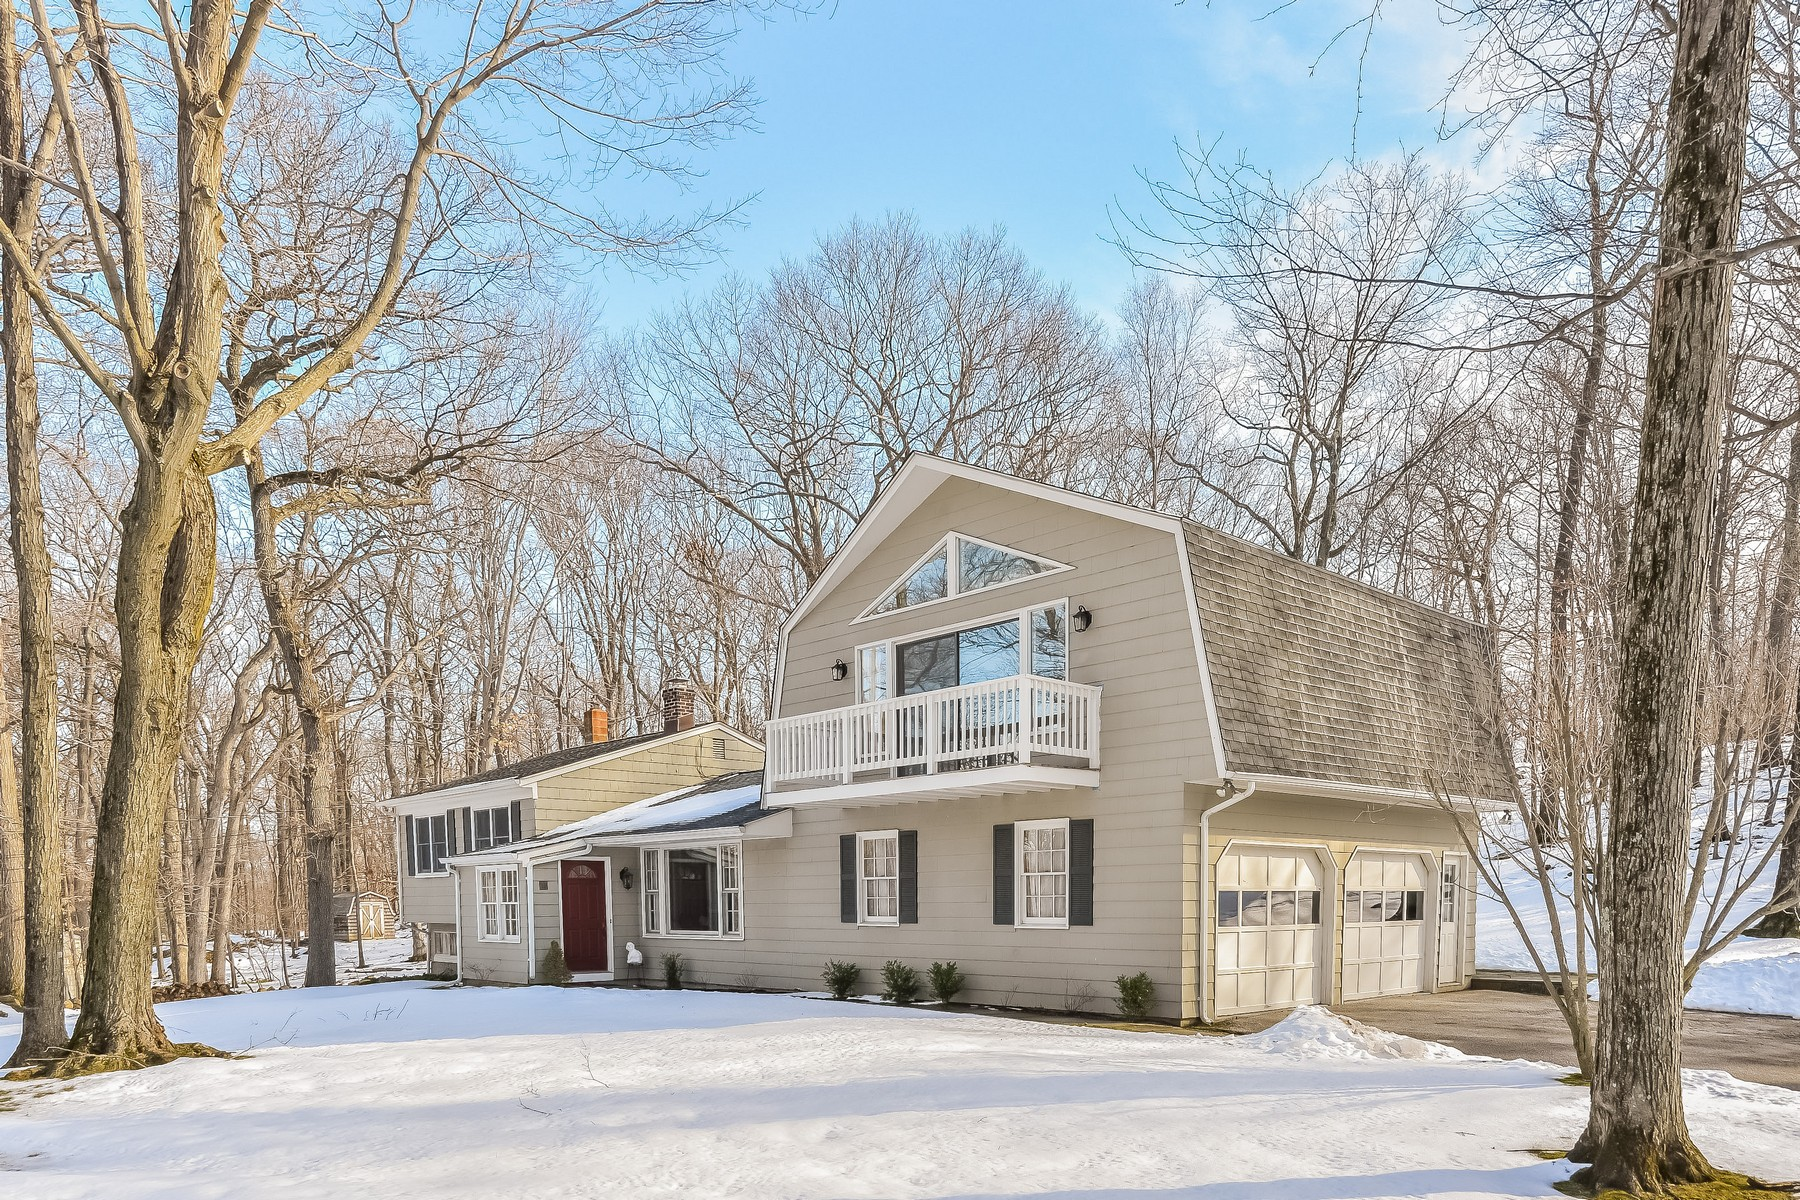 Maison unifamiliale pour l Vente à Expansive Split Level Home 14 Summit Lane Ridgefield, Connecticut 06877 États-Unis